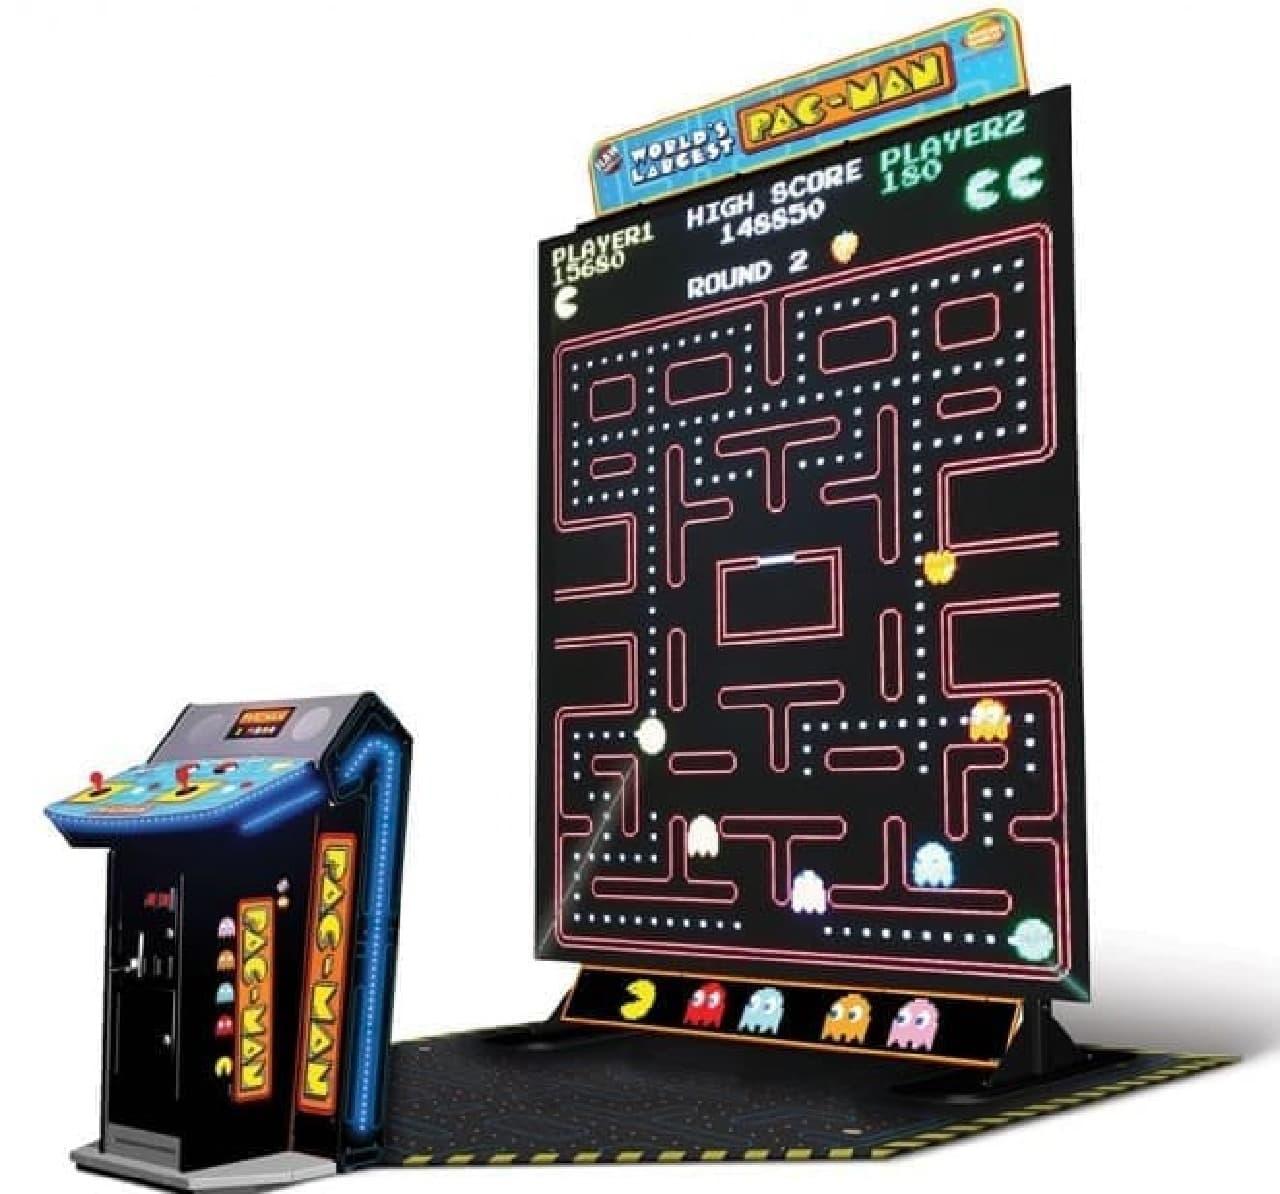 108インチサイズのパックマン「Worlds Largest Pac-Man」